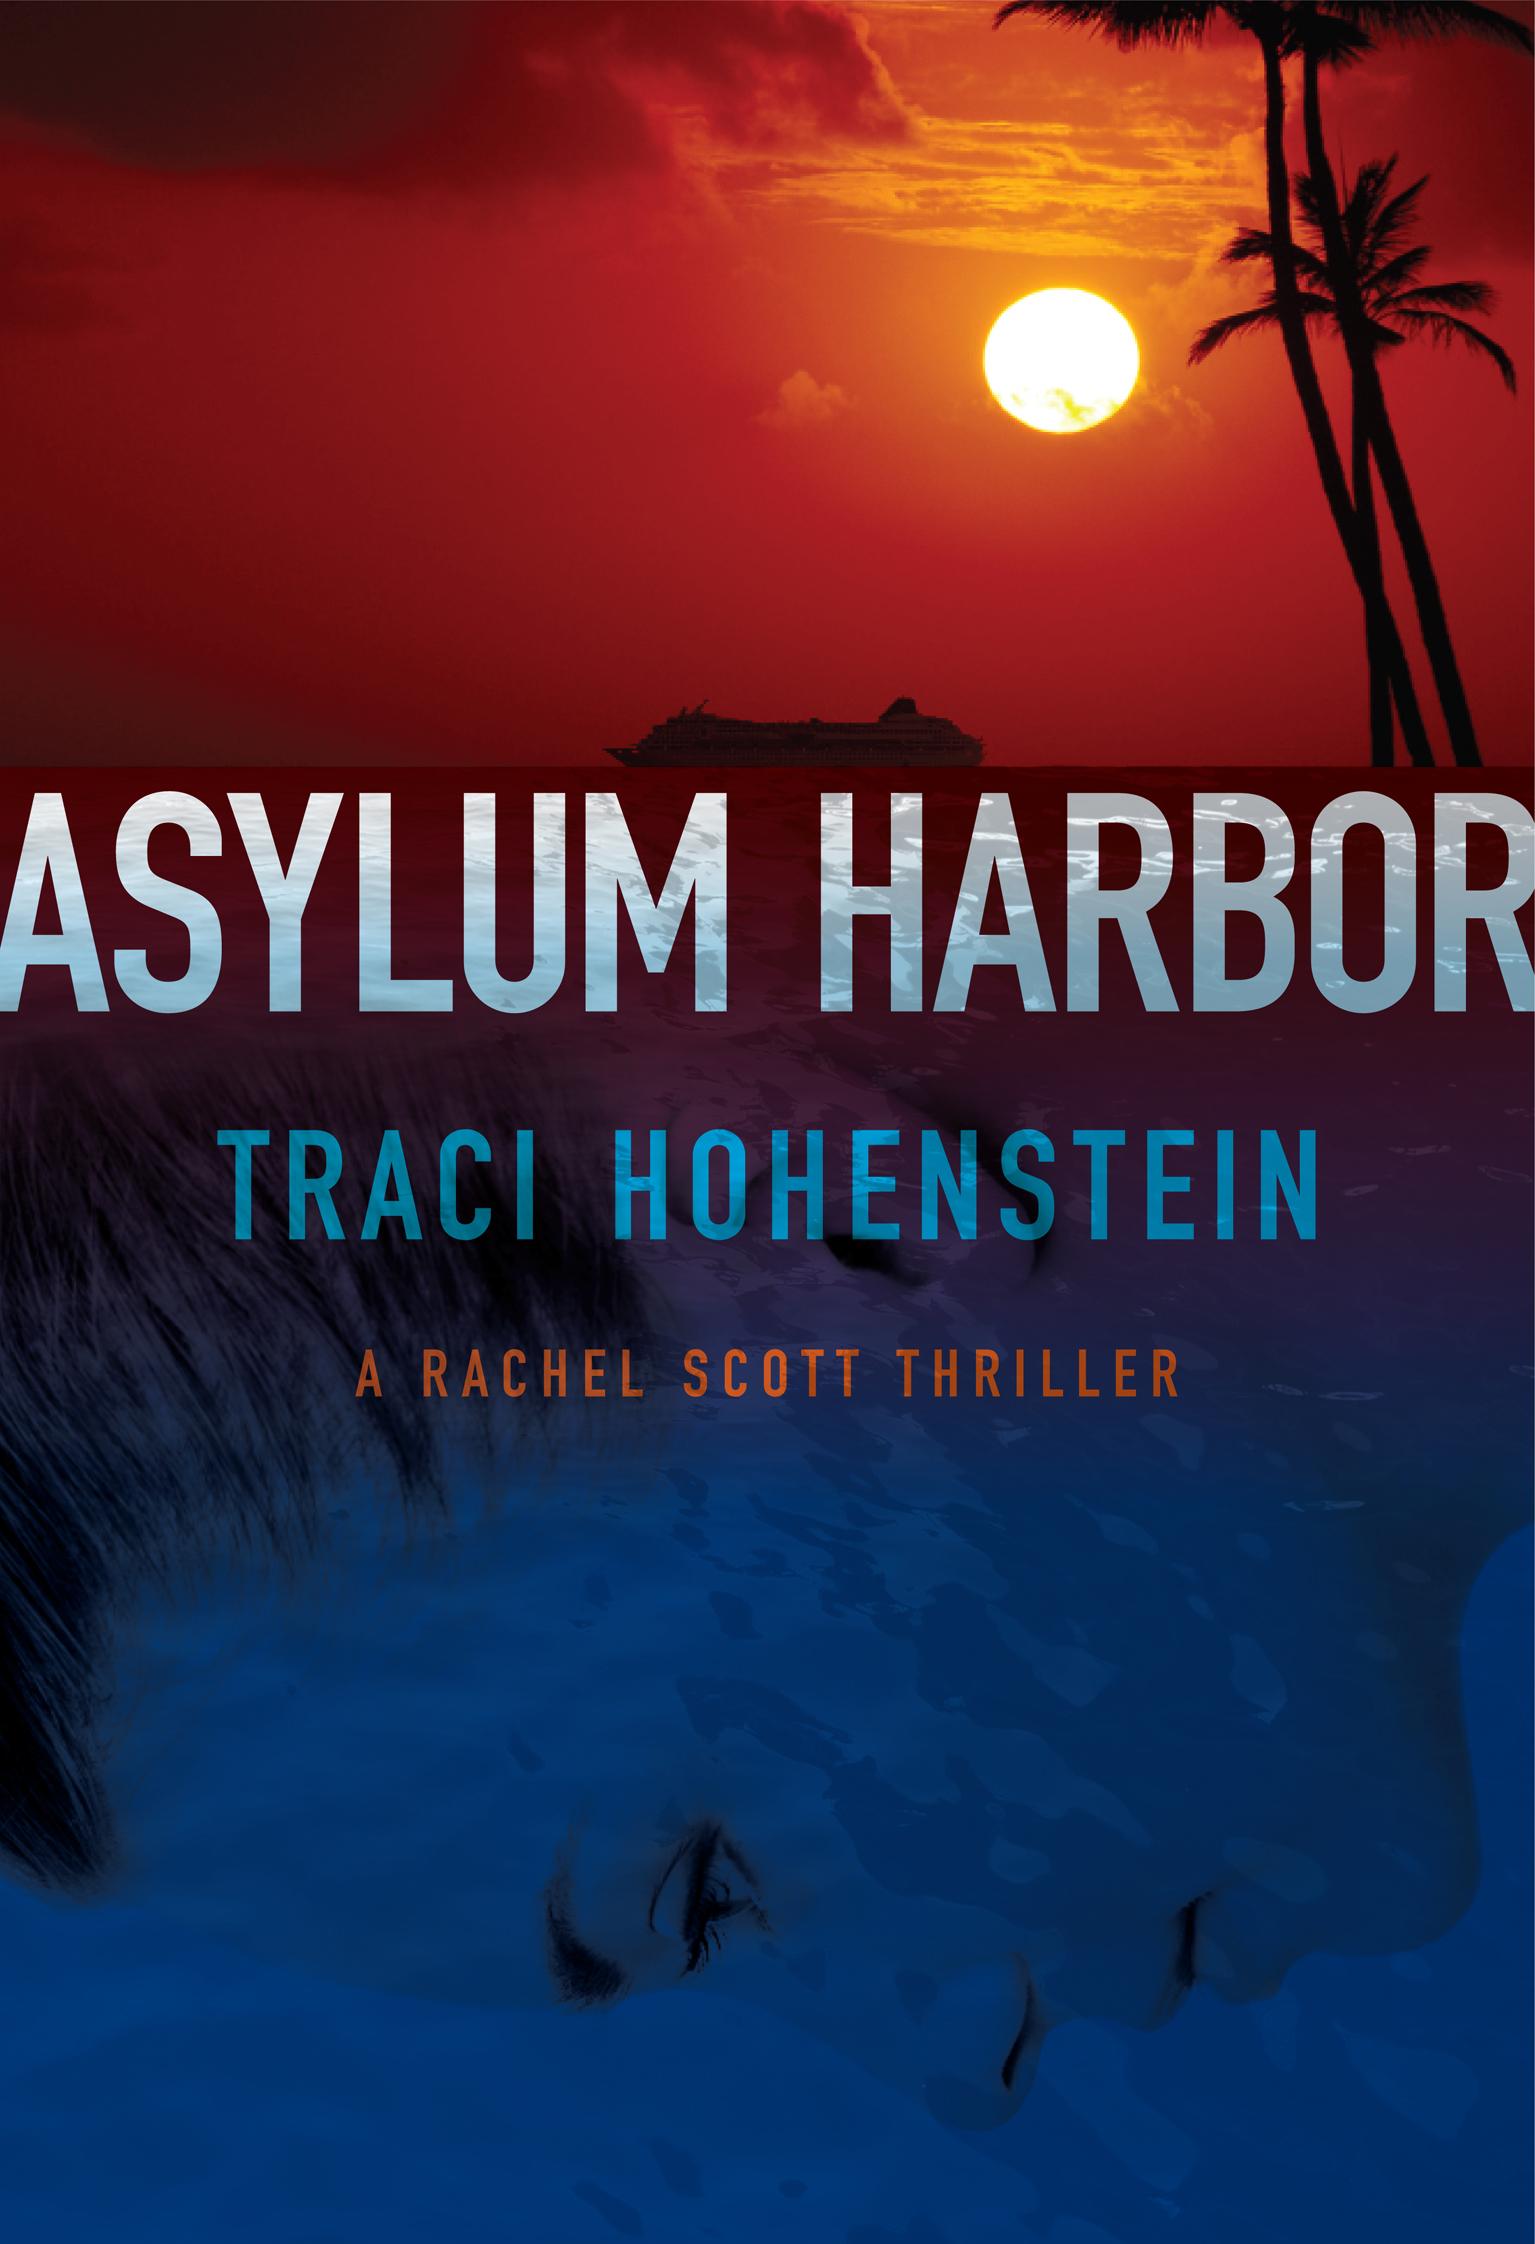 Asylum Harbor